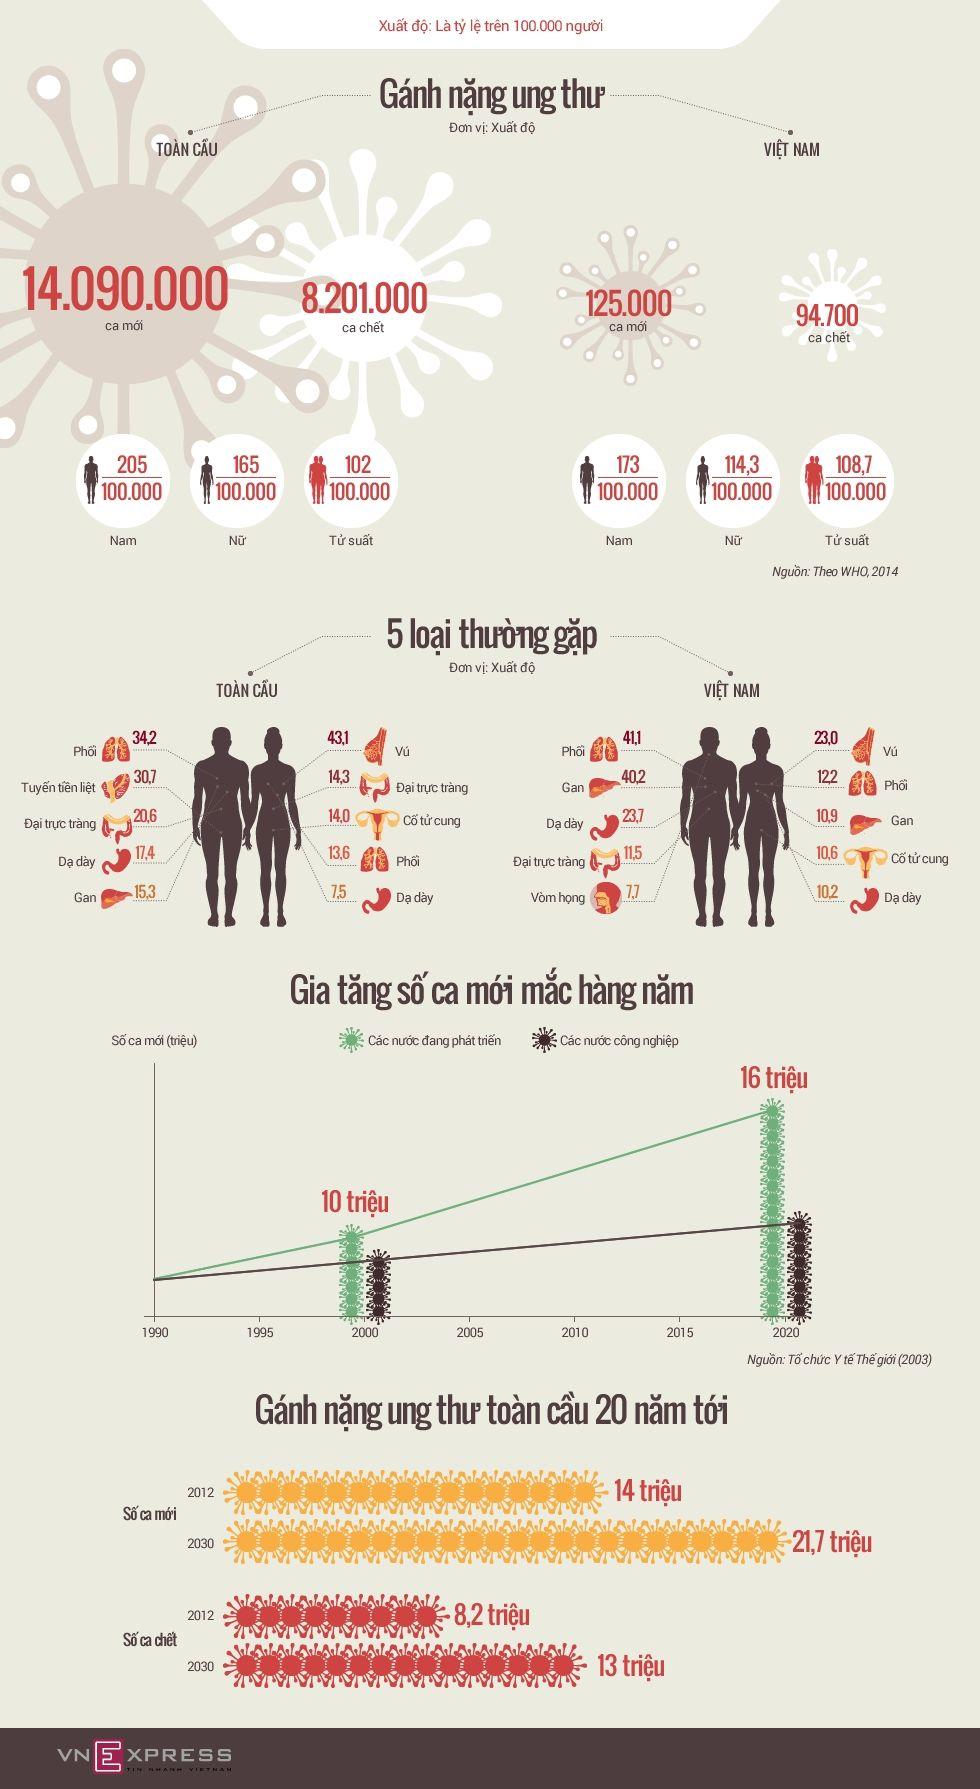 infographic-ganh-nang-ung-thu-toan-cau-1486173432